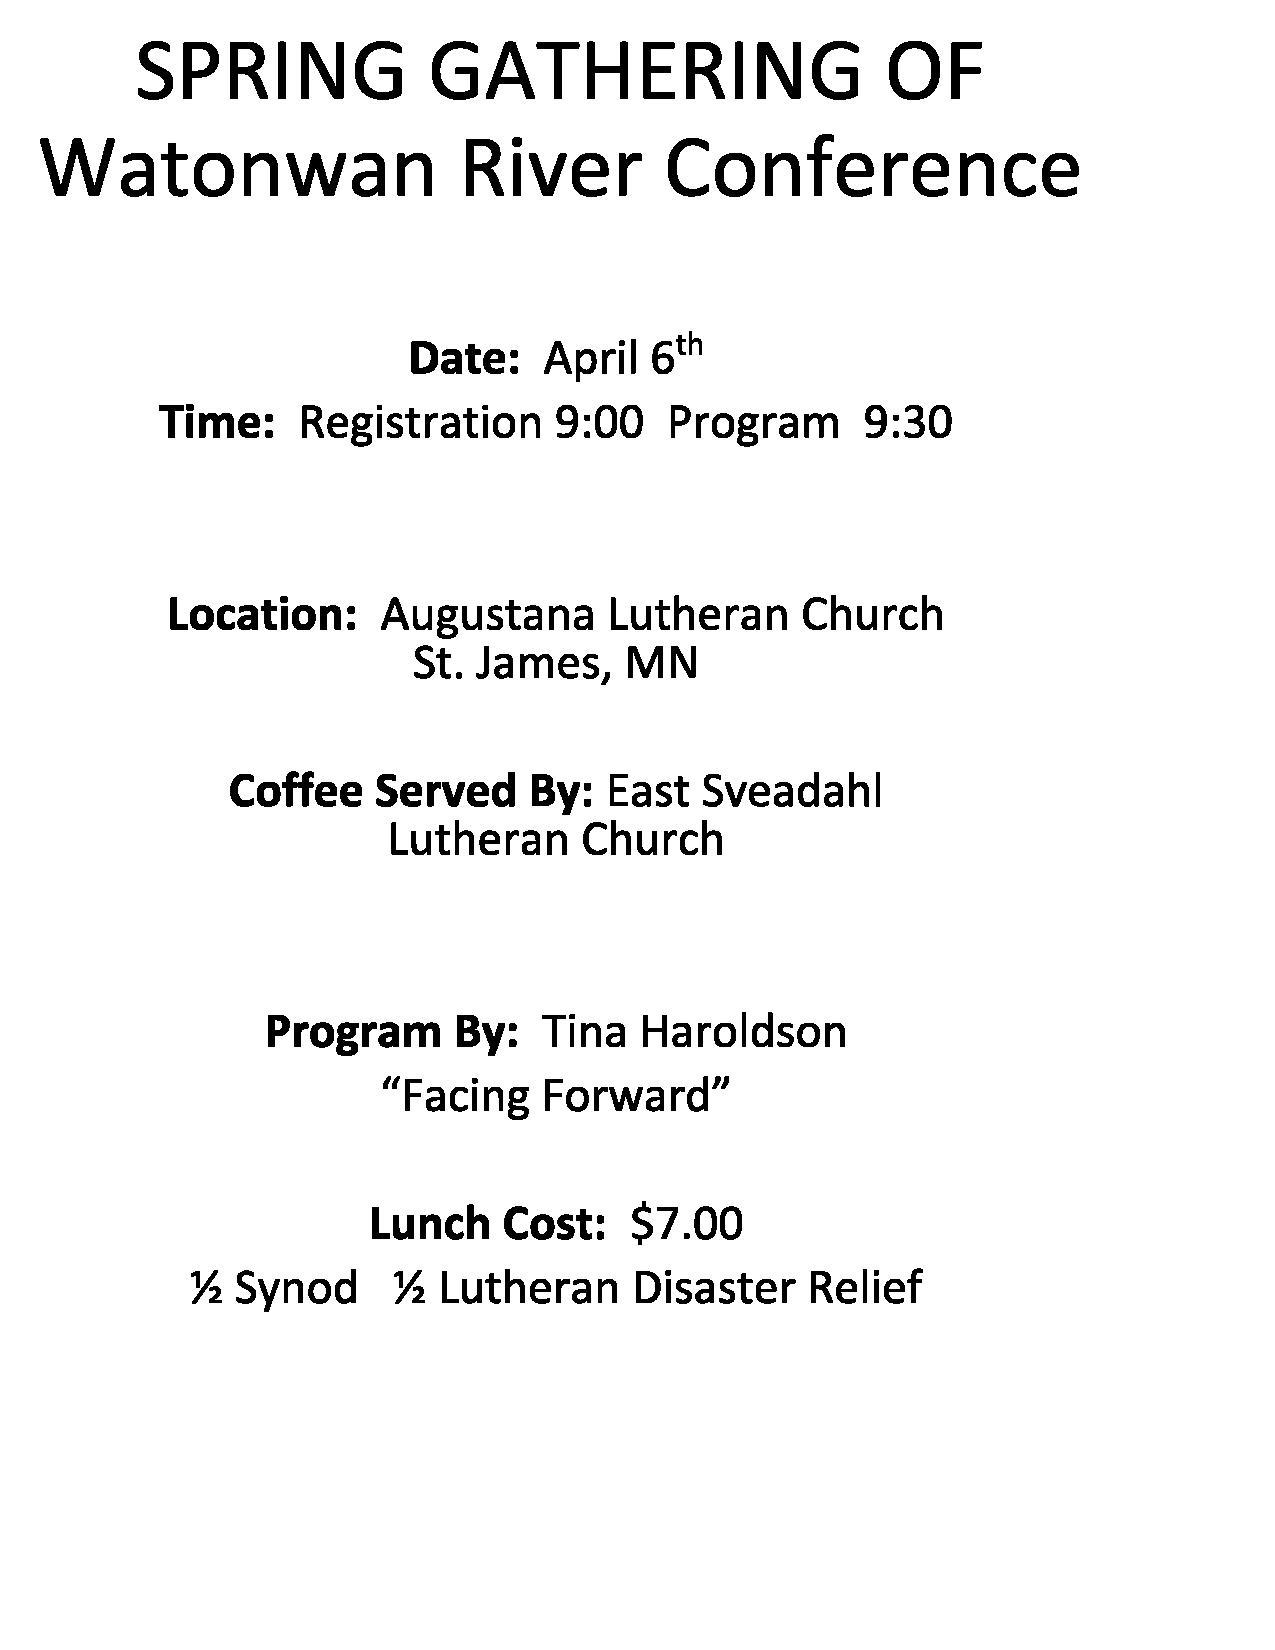 Watonwan River 2019 Spring Gathering @ Augustana Lutheran Church